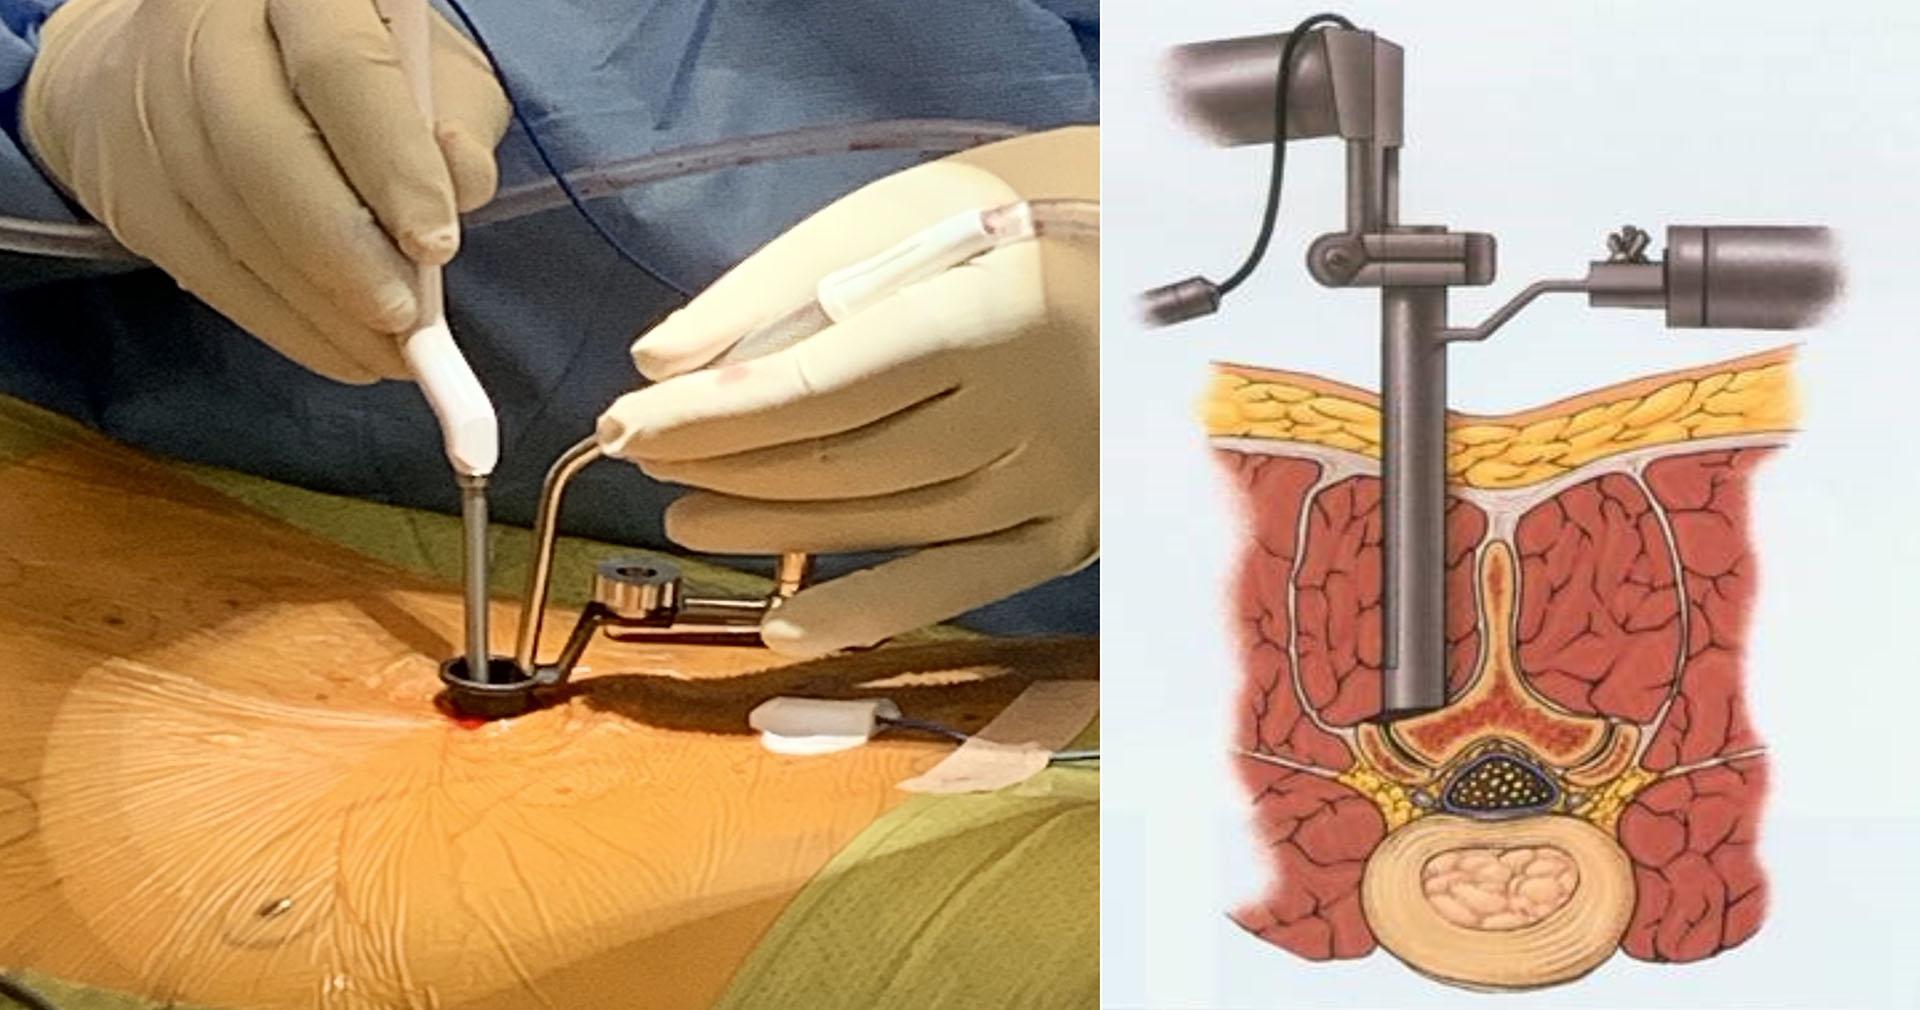 管道式微創椎間盤切除手術